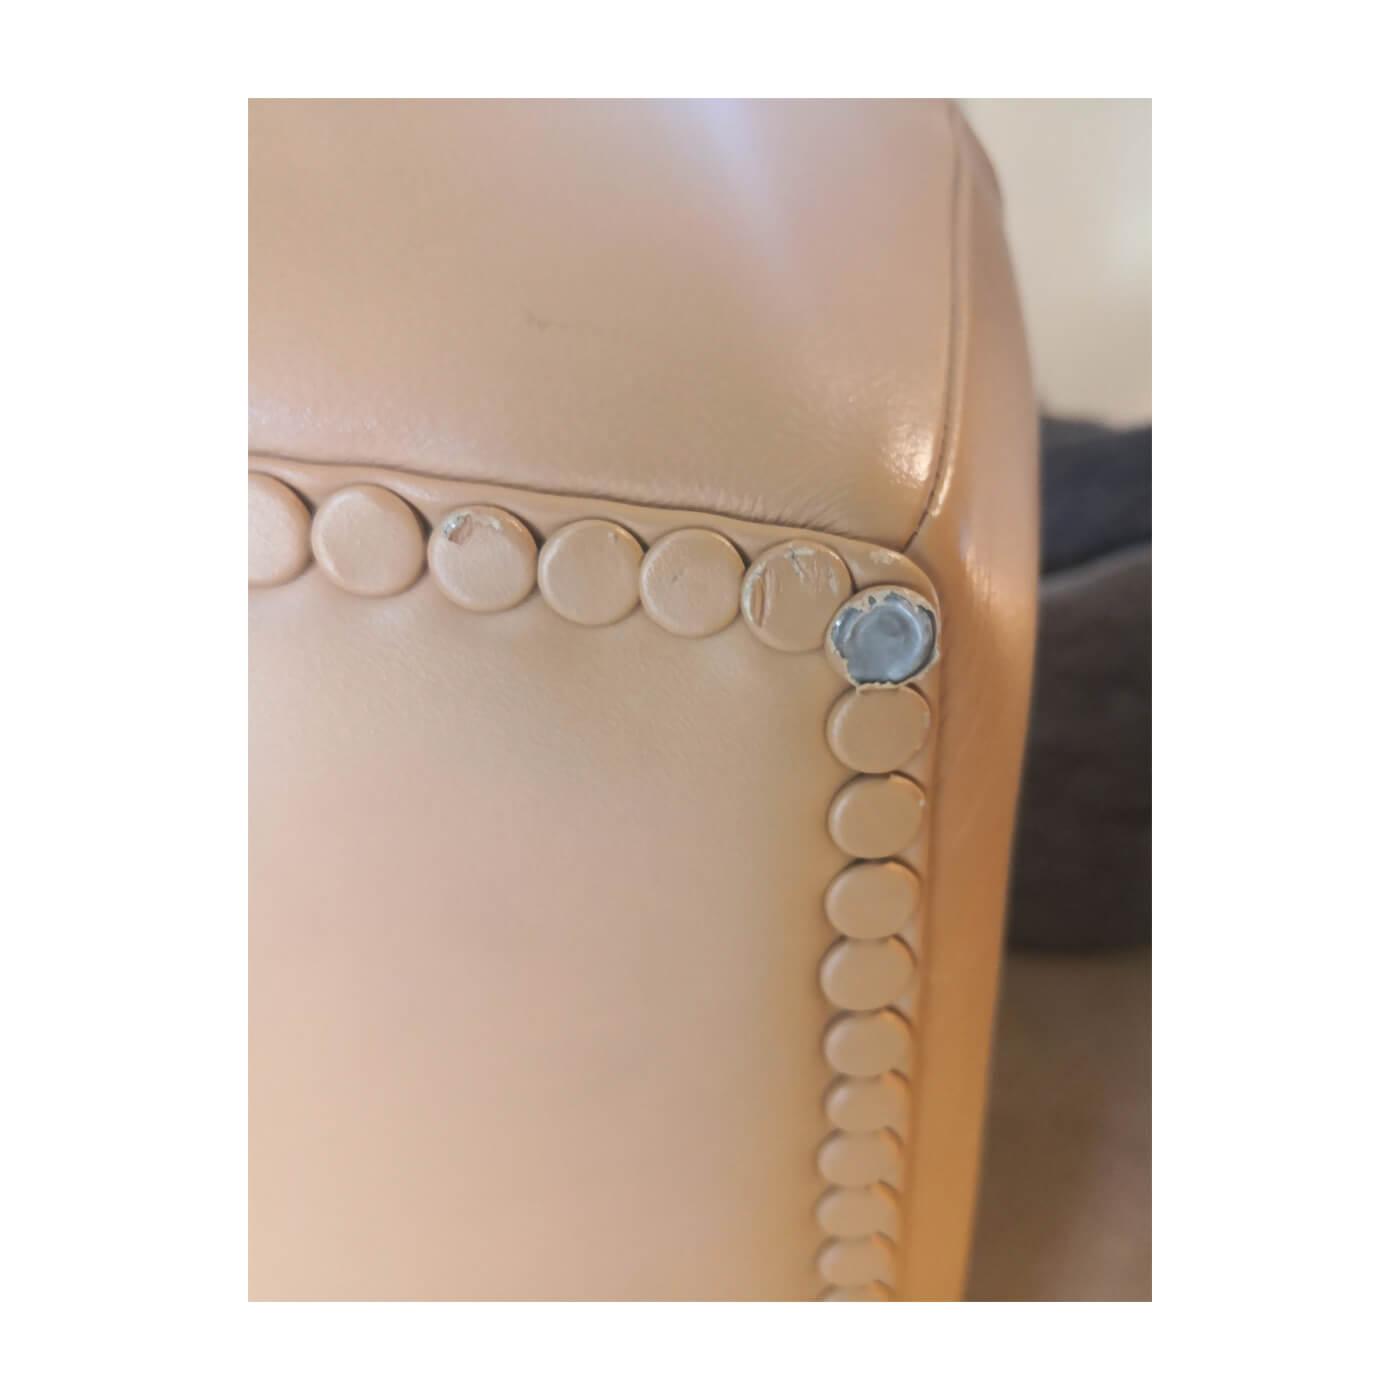 Poltrona Frau Tabarin leather armchair